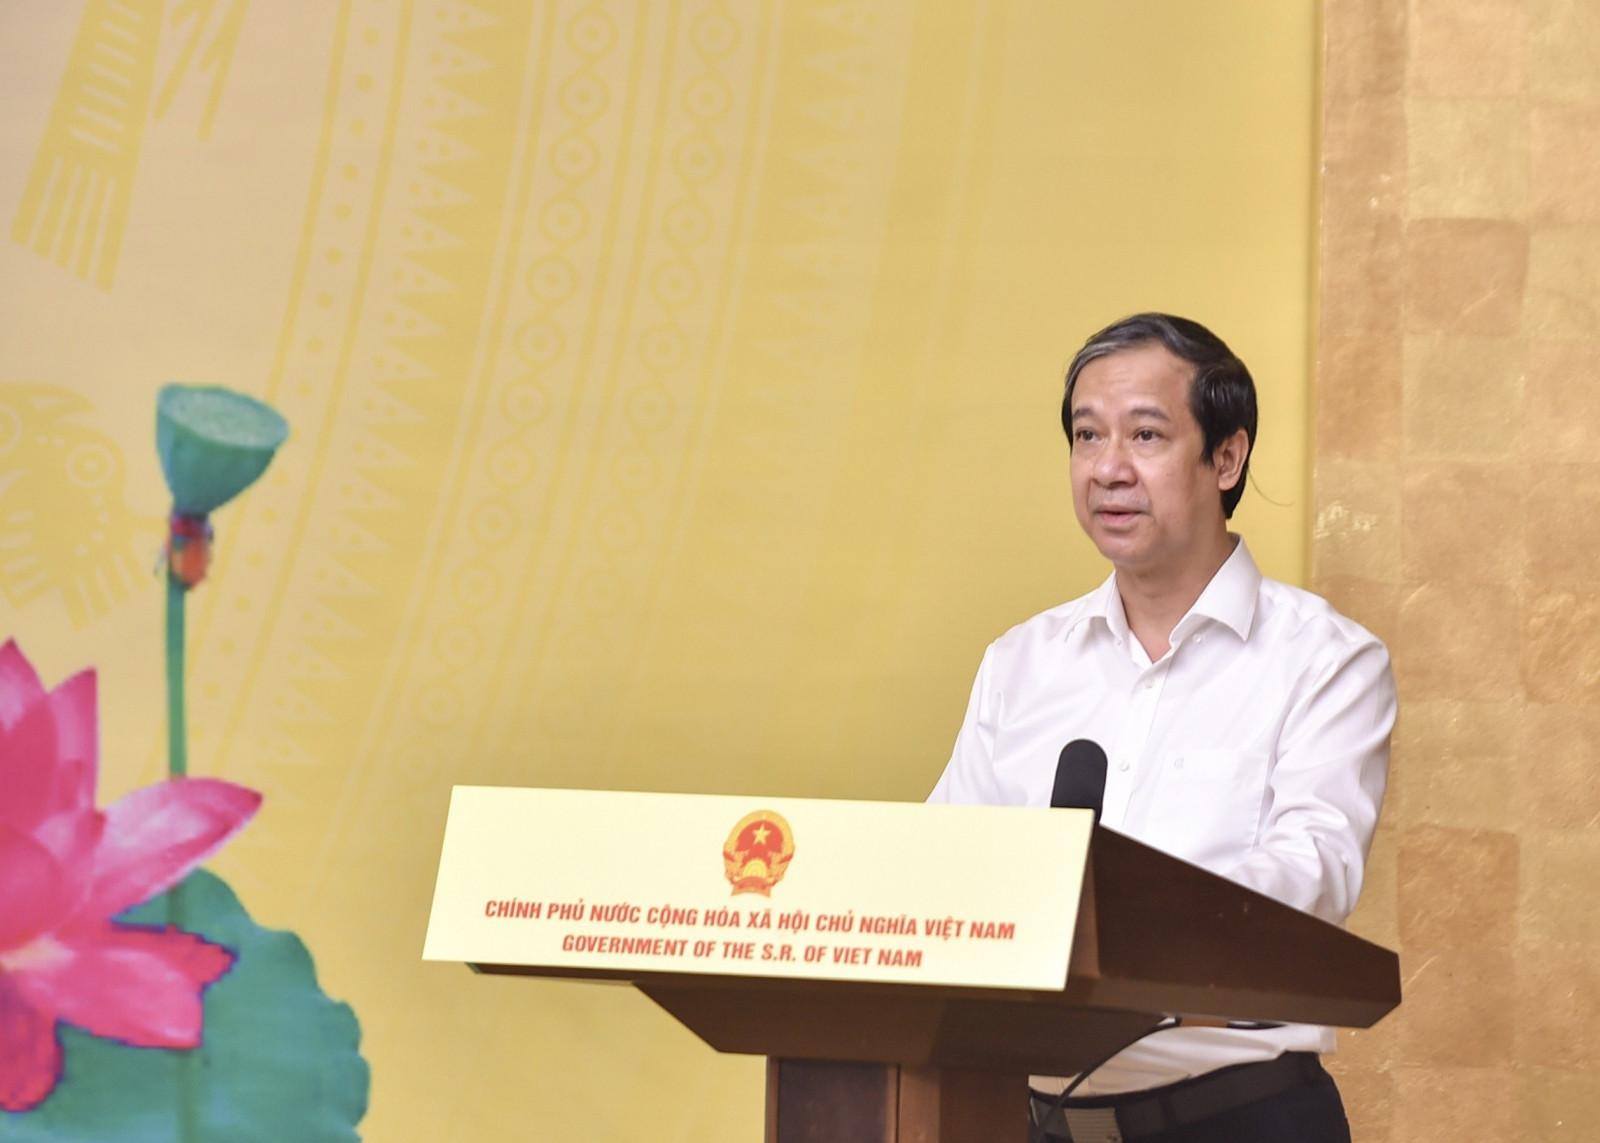 Bộ trưởng Nguyễn Kim Sơn: Thầy và trò ngành Giáo dục sẽ nỗ lực dạy thật tốt, học thật tốt